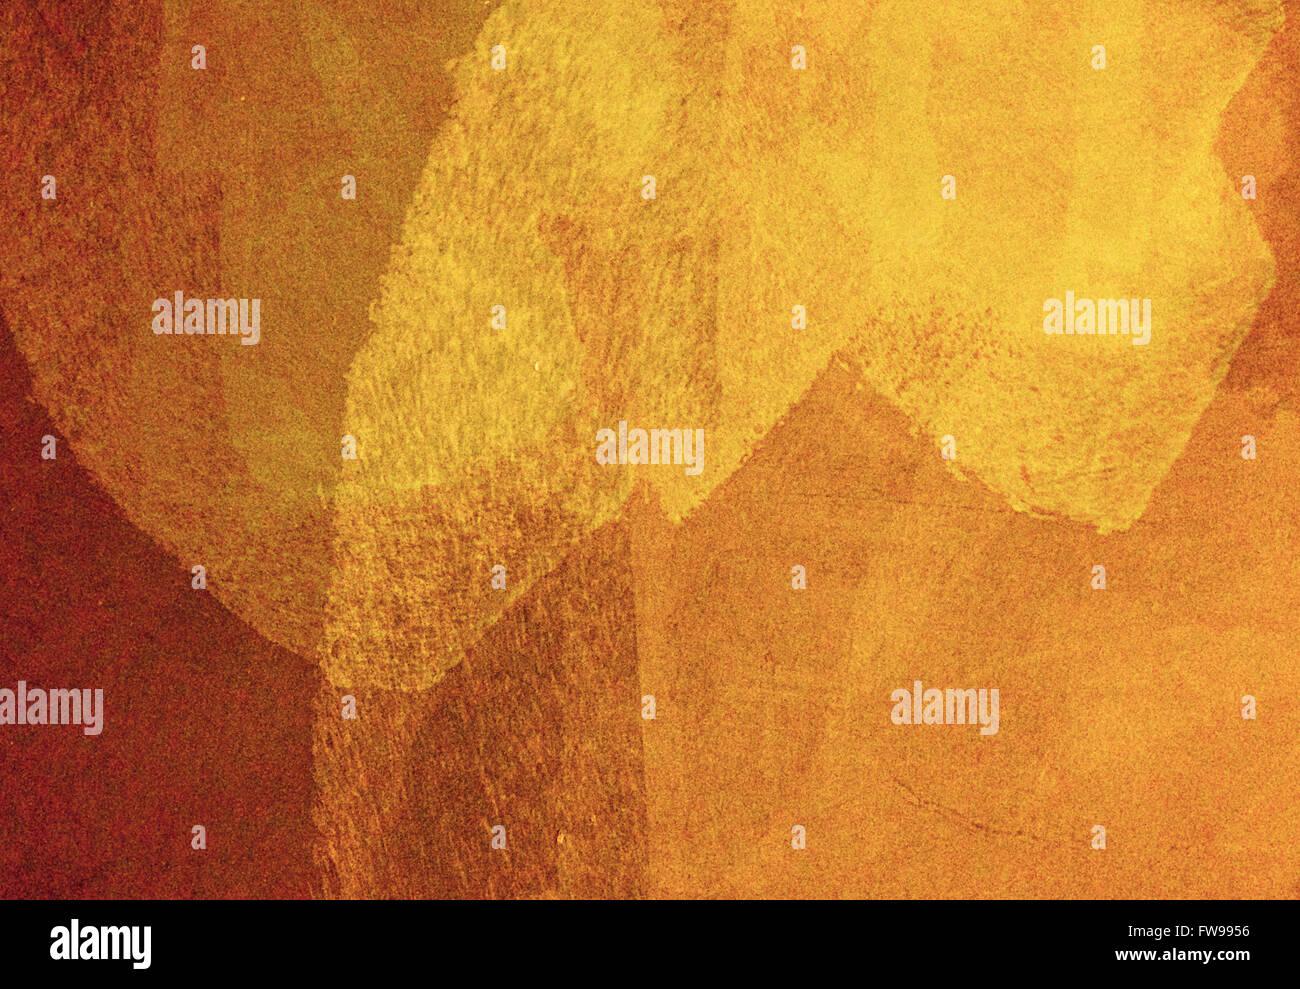 Abstract moderno graphic design arte digitale concept creative Immagini Stock